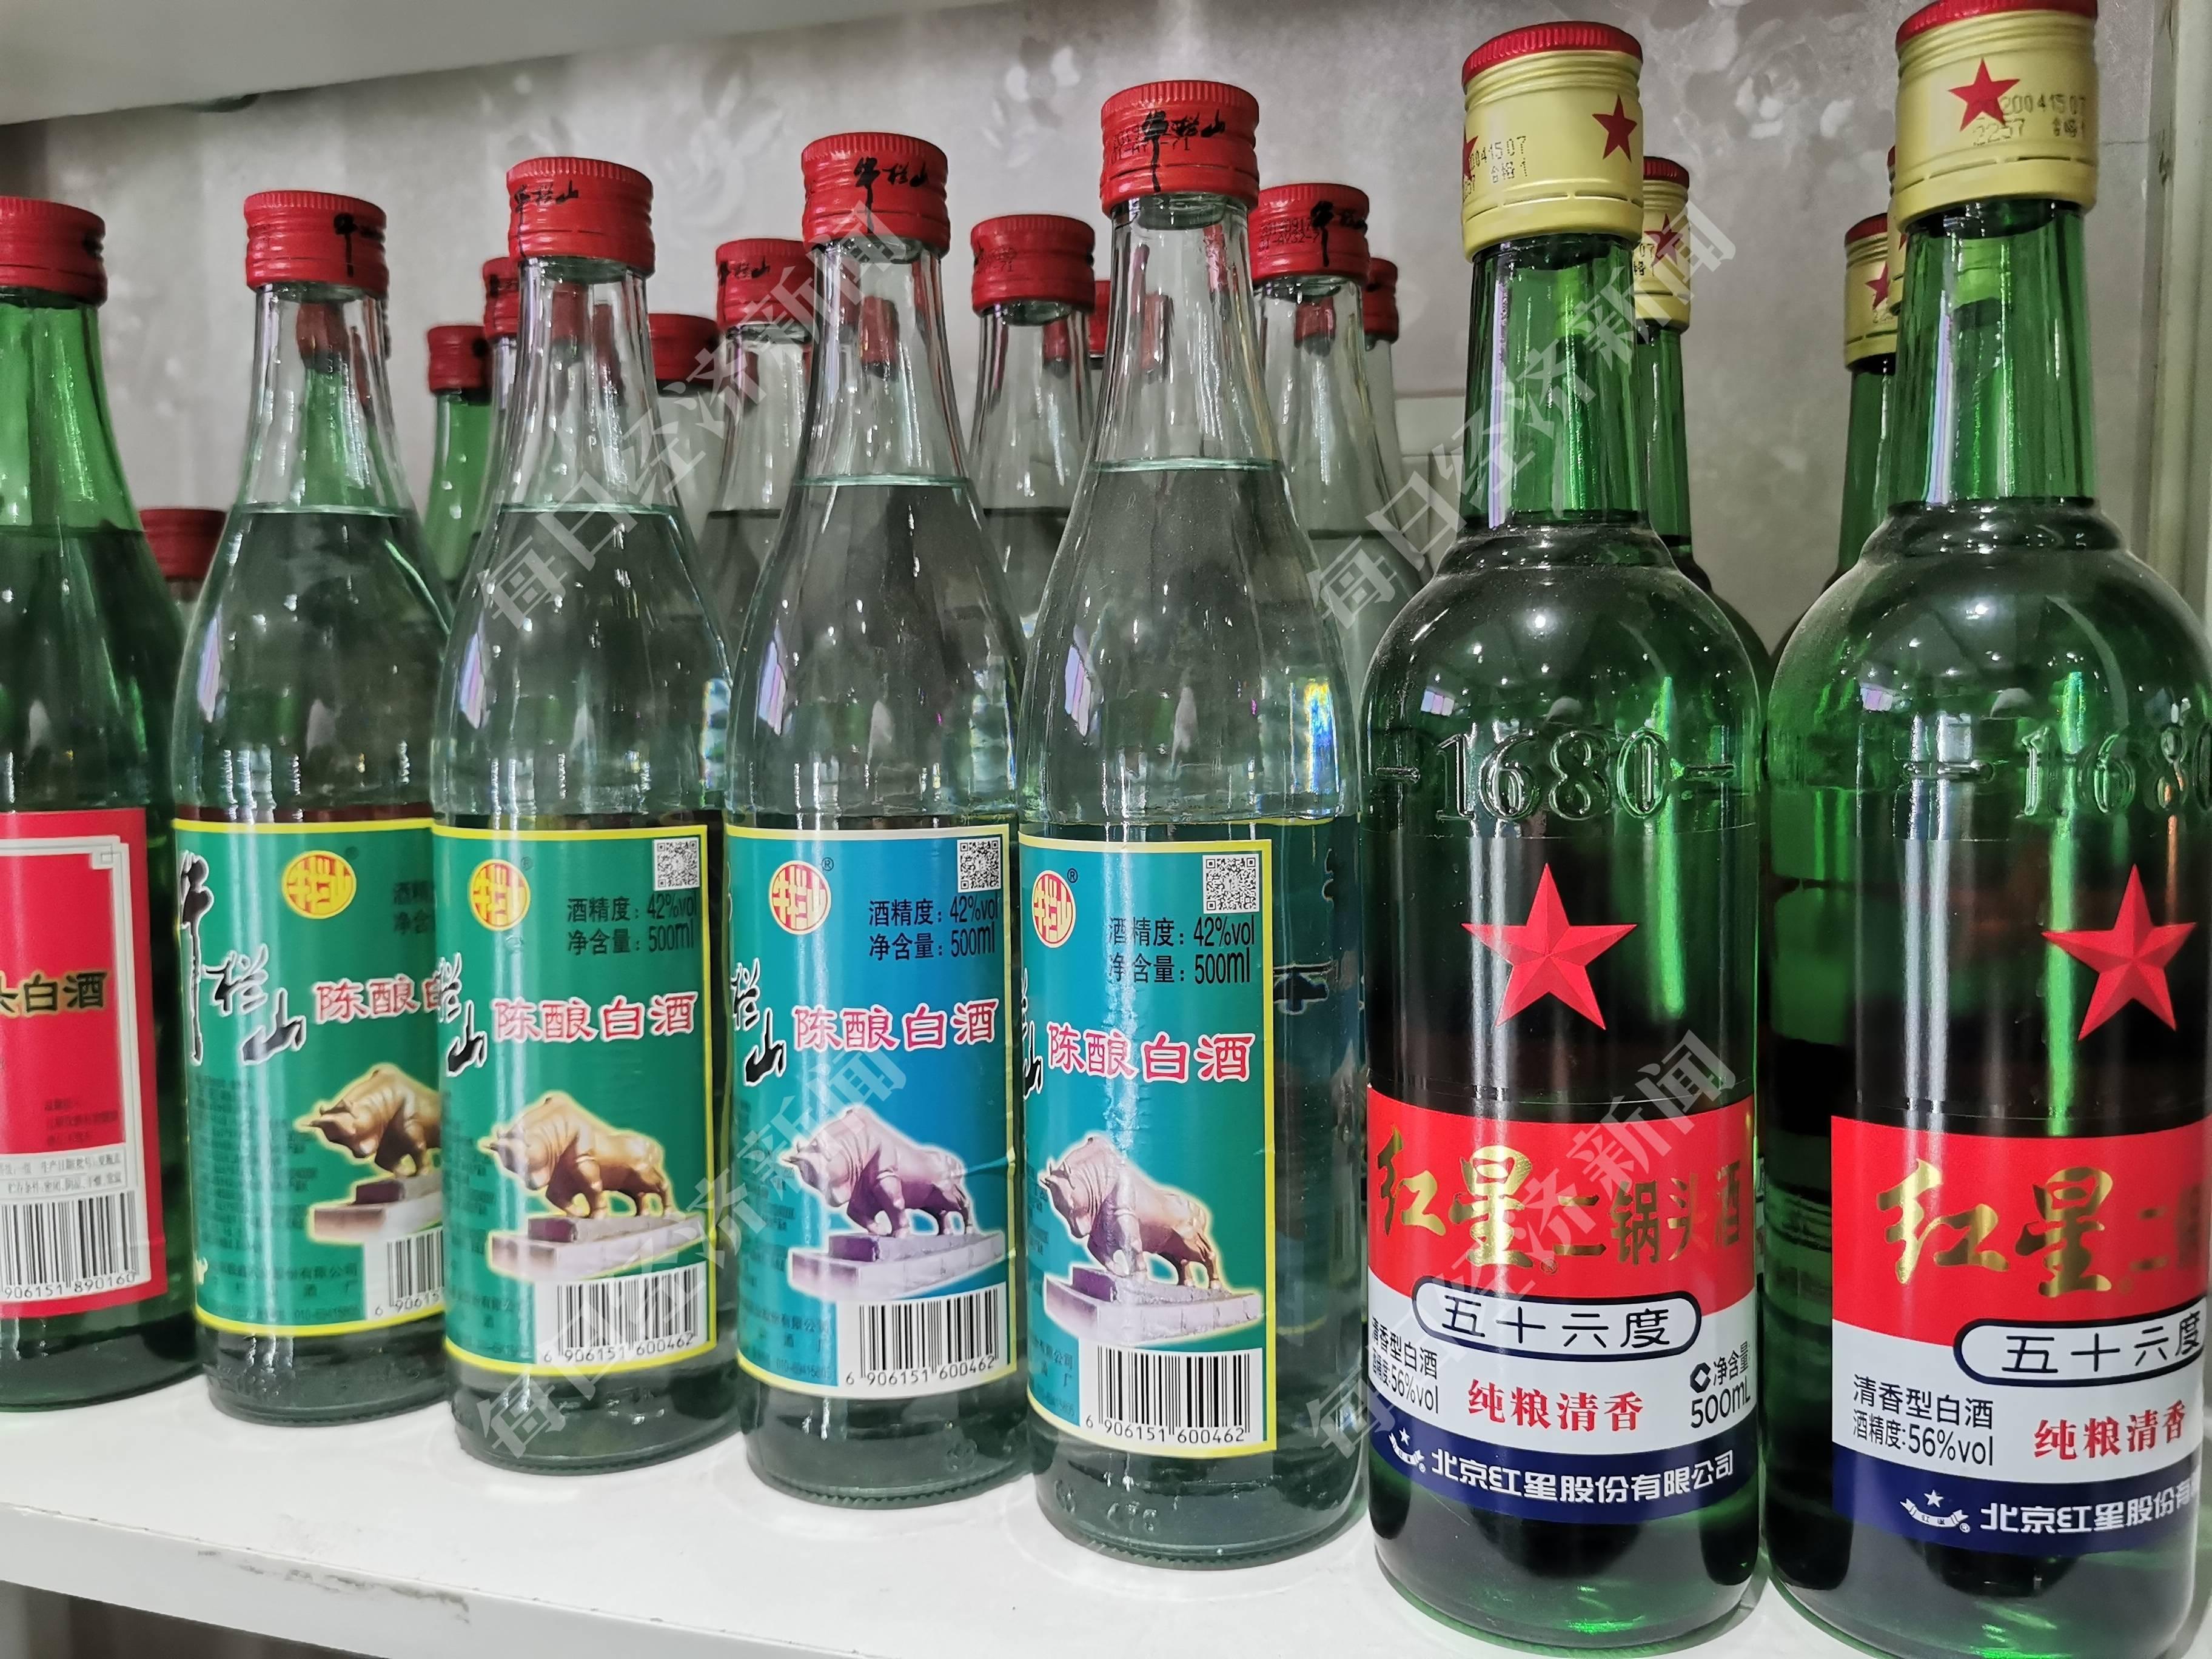 大豪科技收购红星二锅头,被问及产品毛利率低,北京以外经销商比例下降